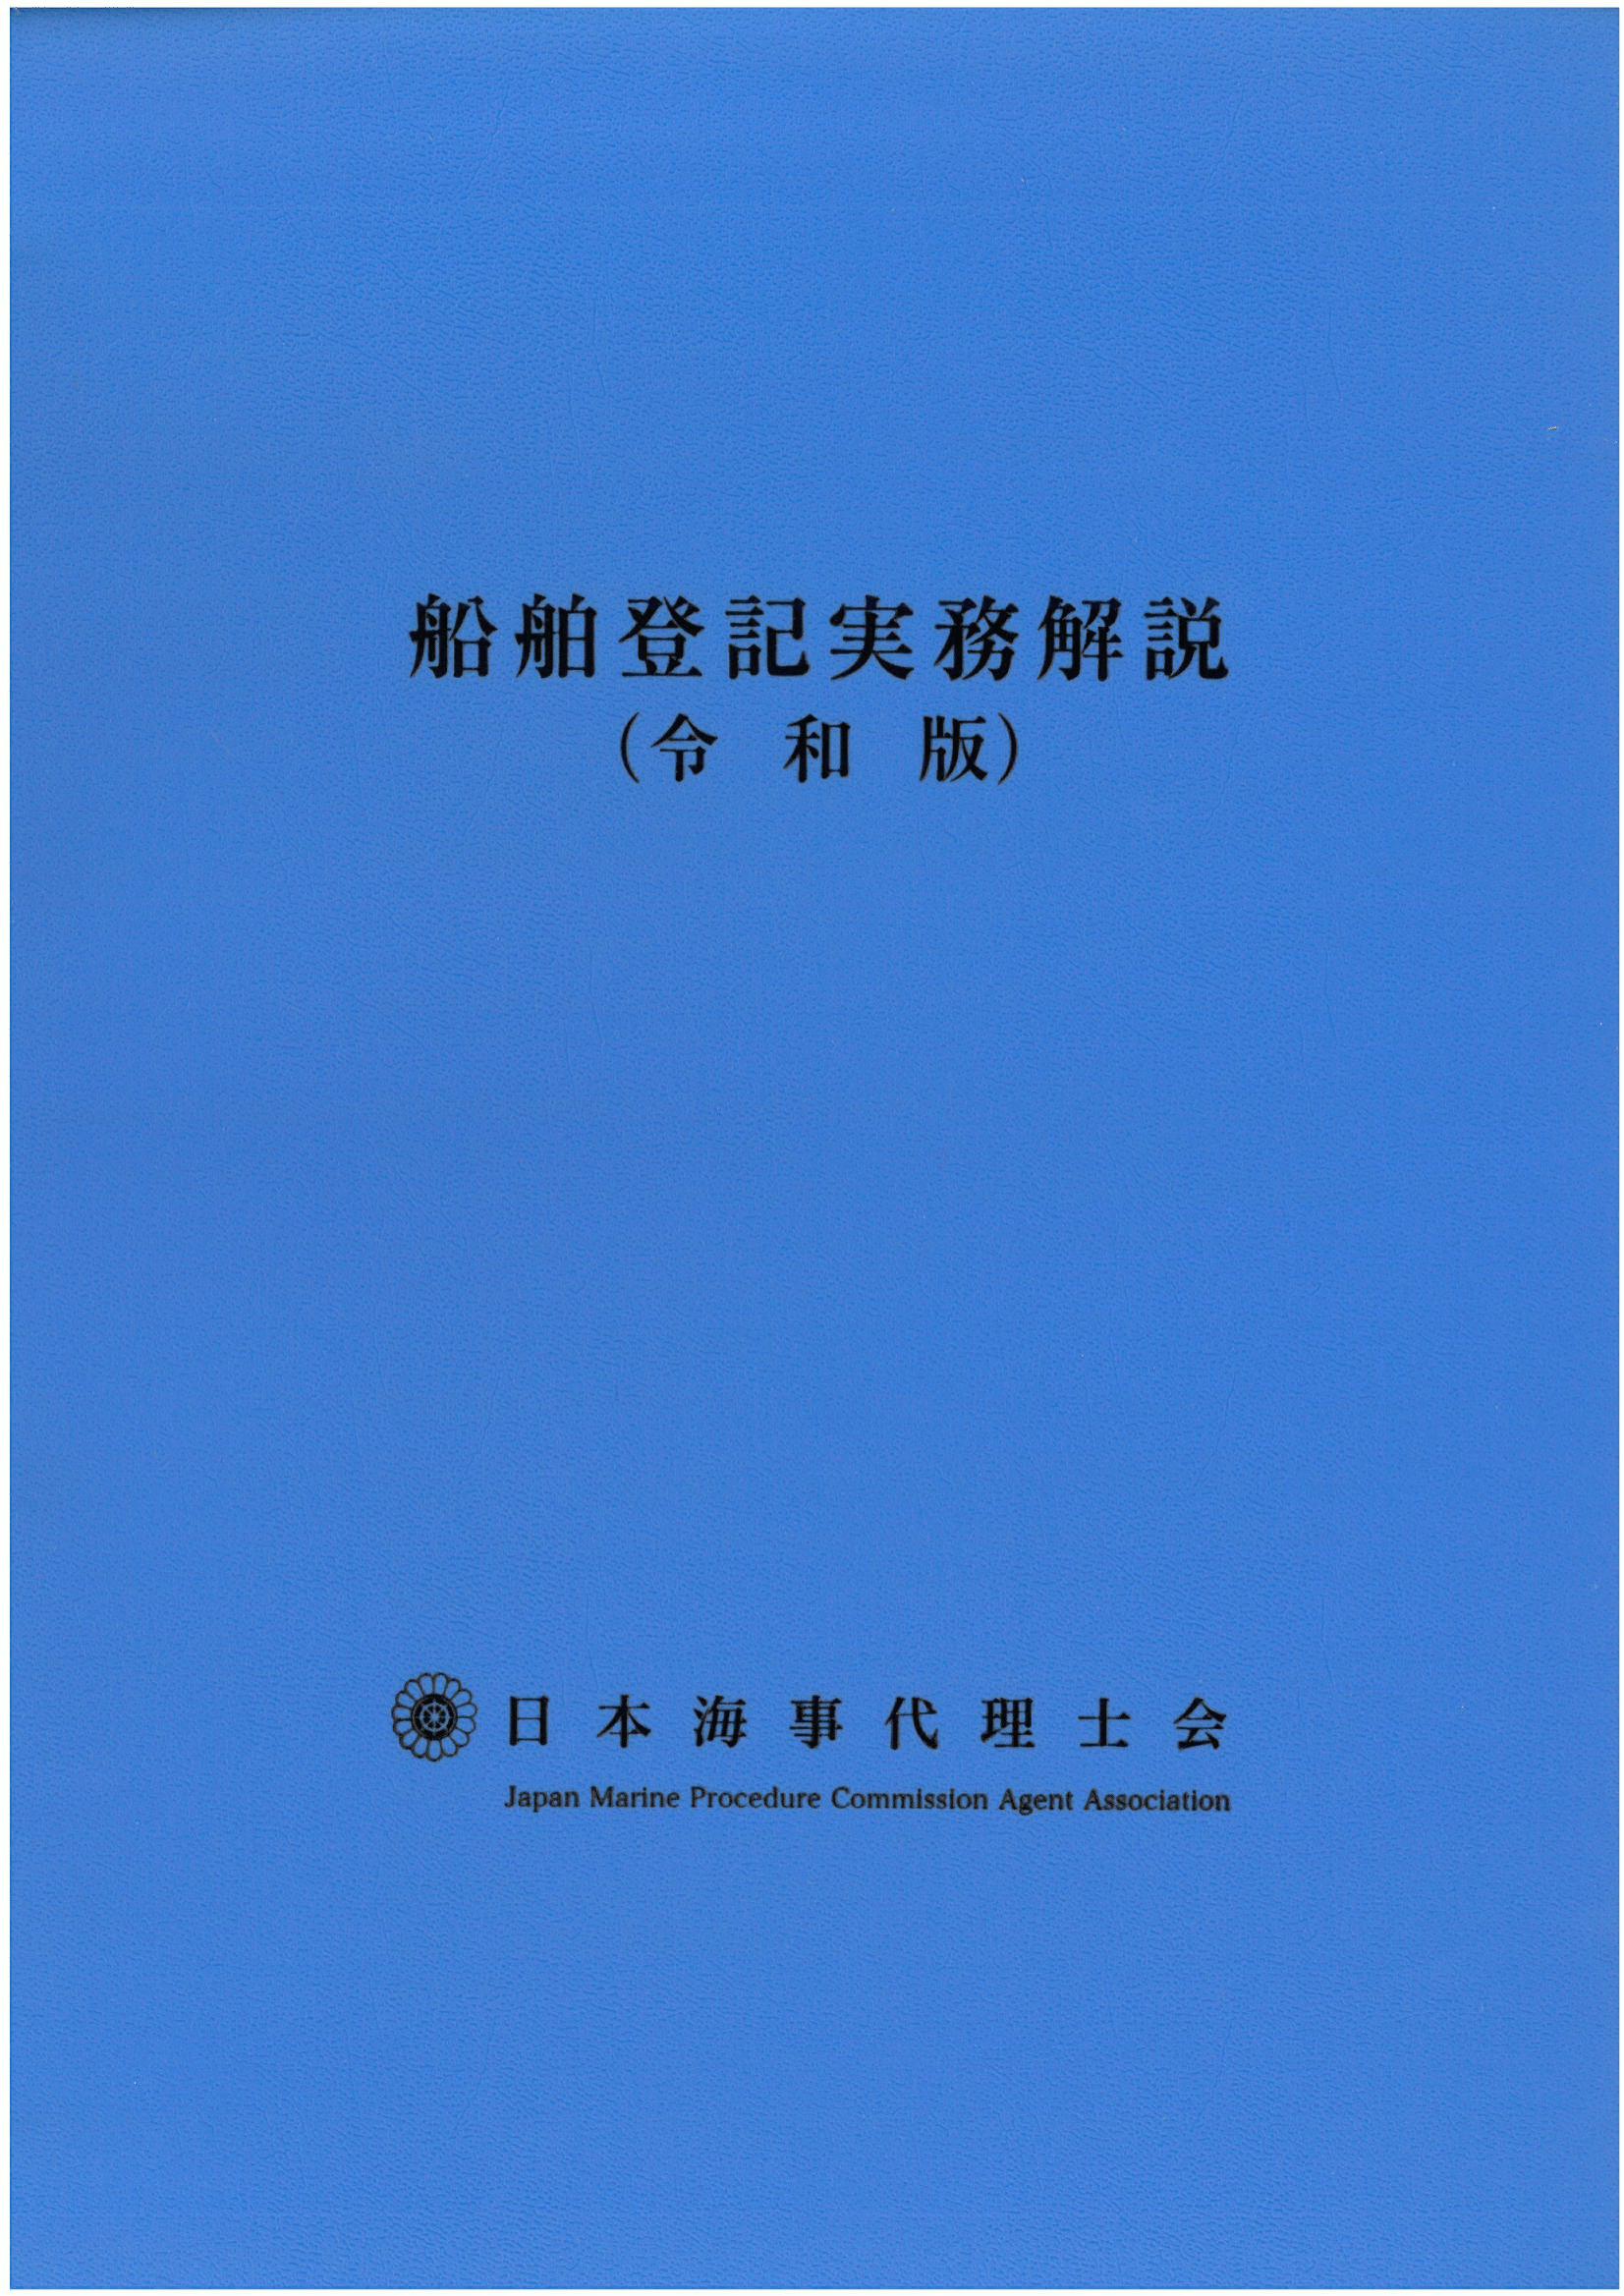 船舶登記実務解説(令和版)(令和2年10月発行)